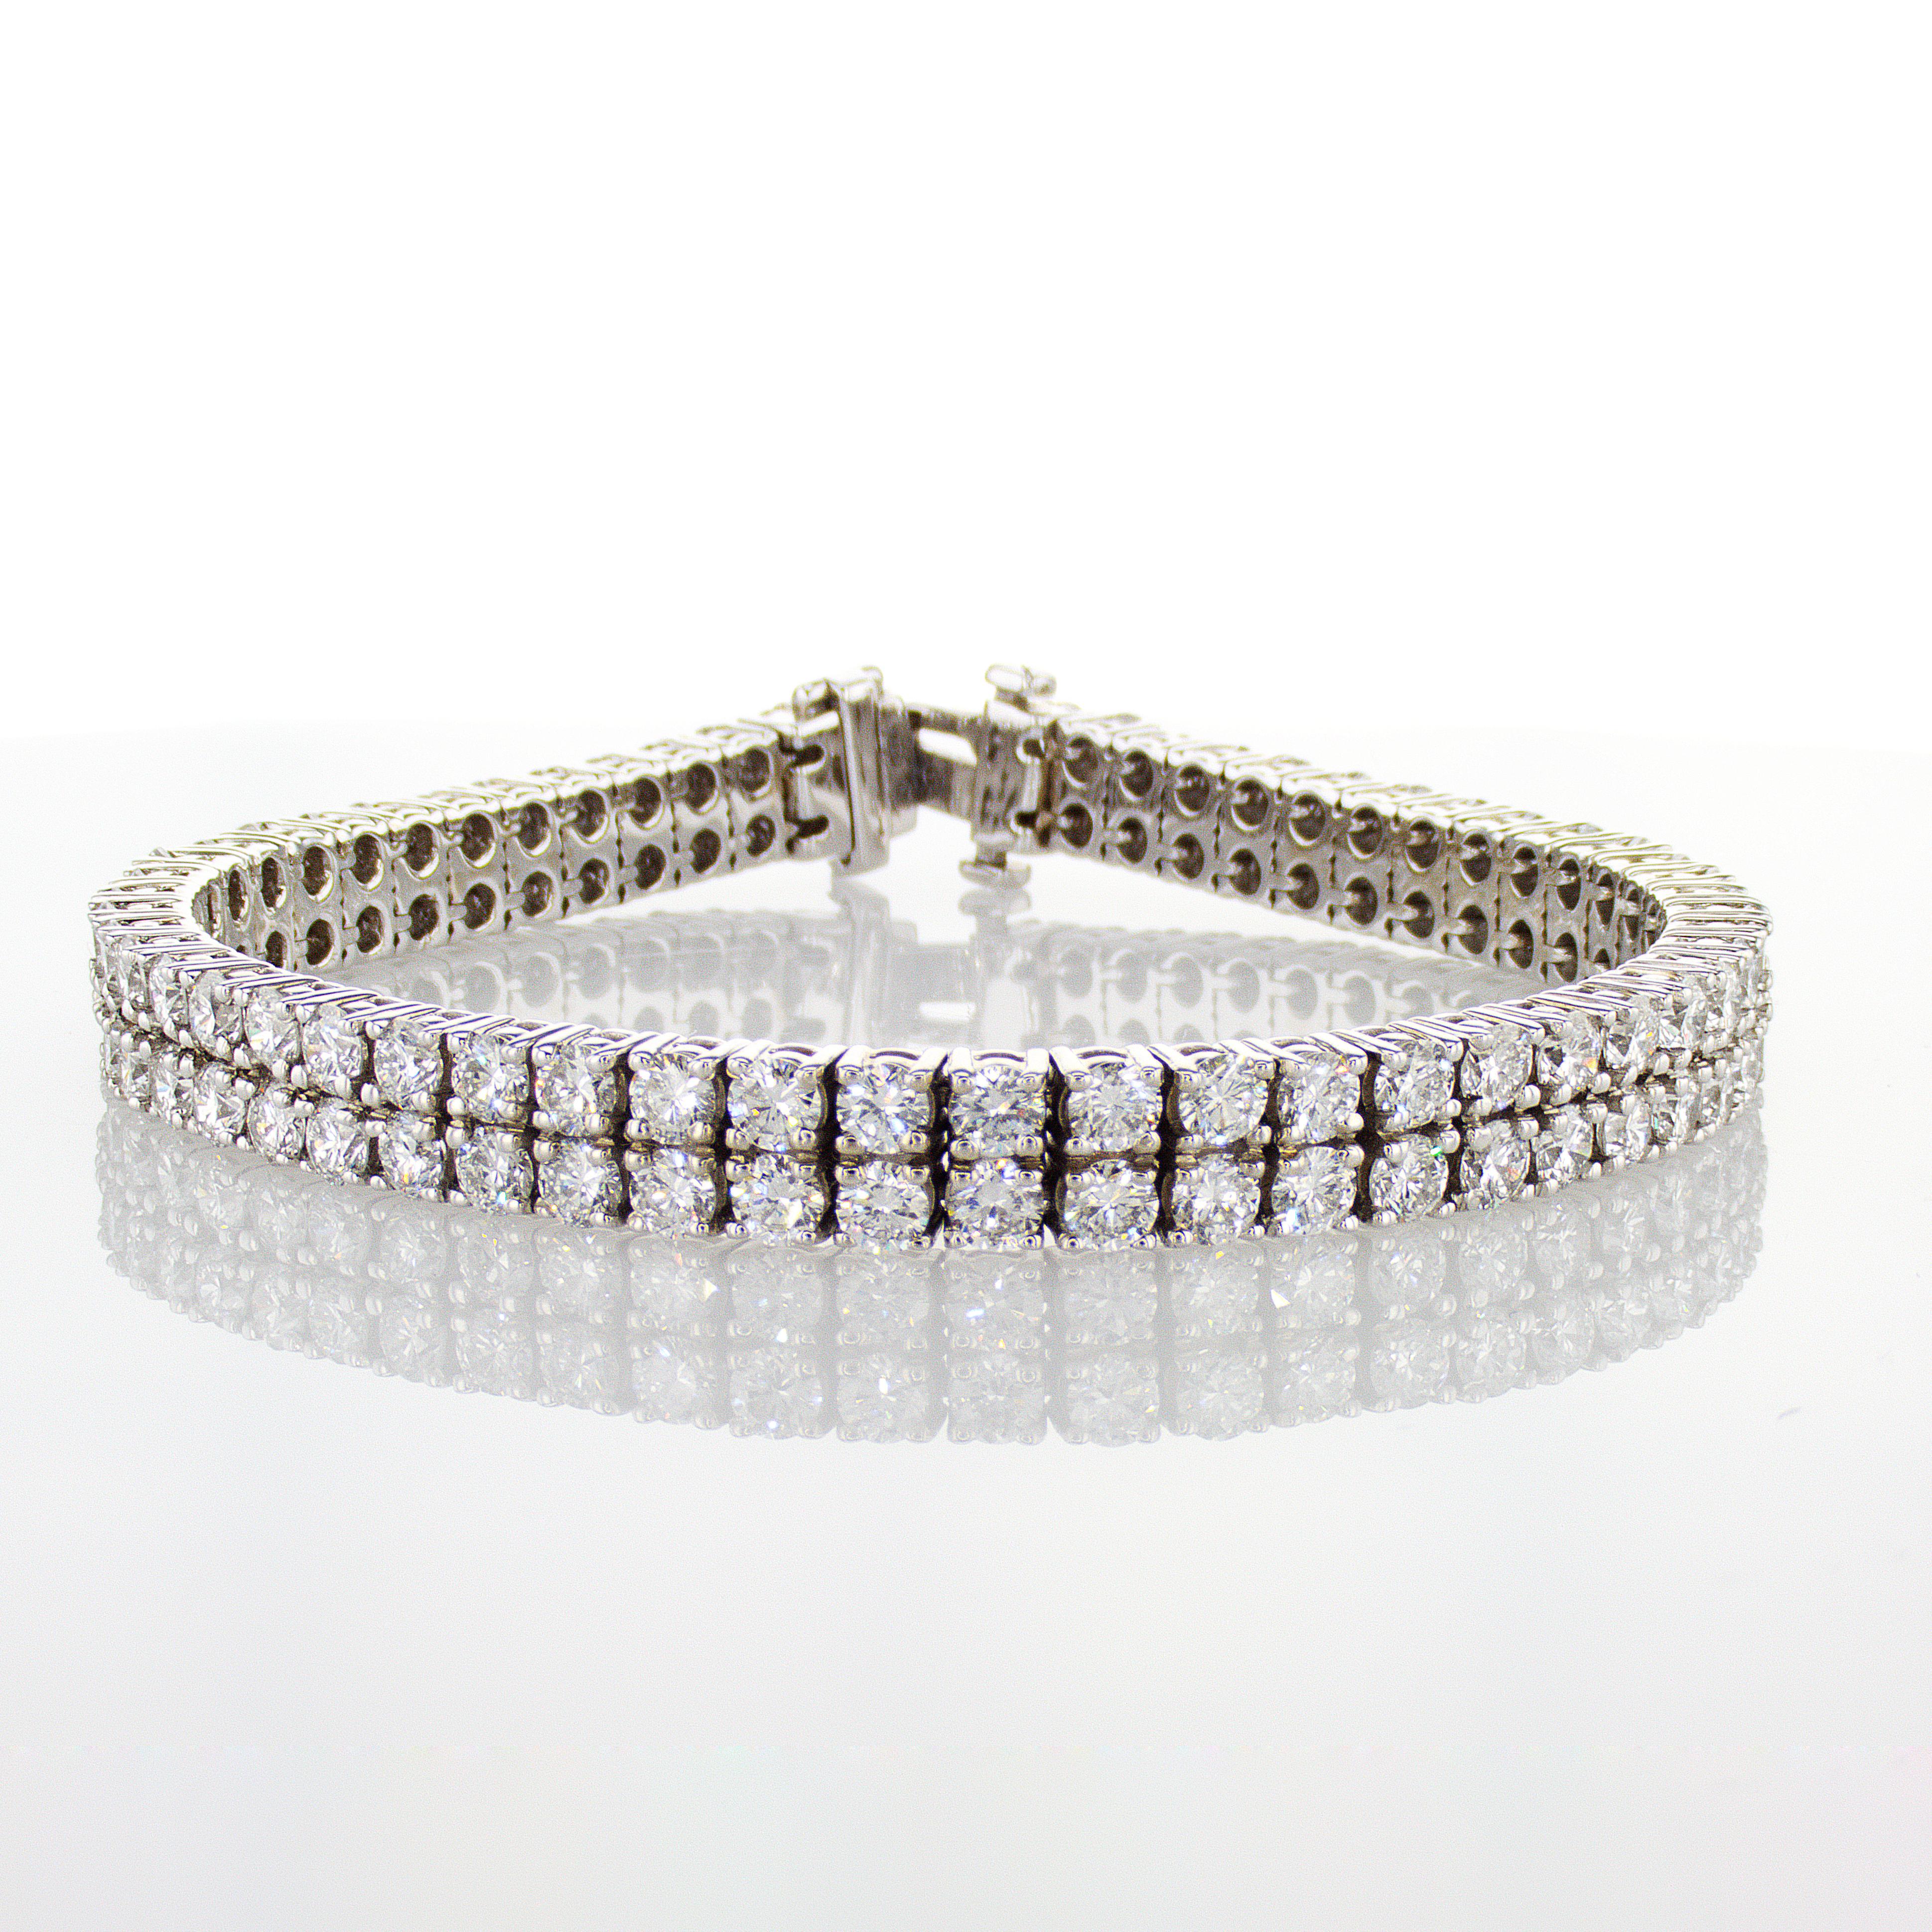 Double Row Diamond Tennis Bracelet, 14k White Gold